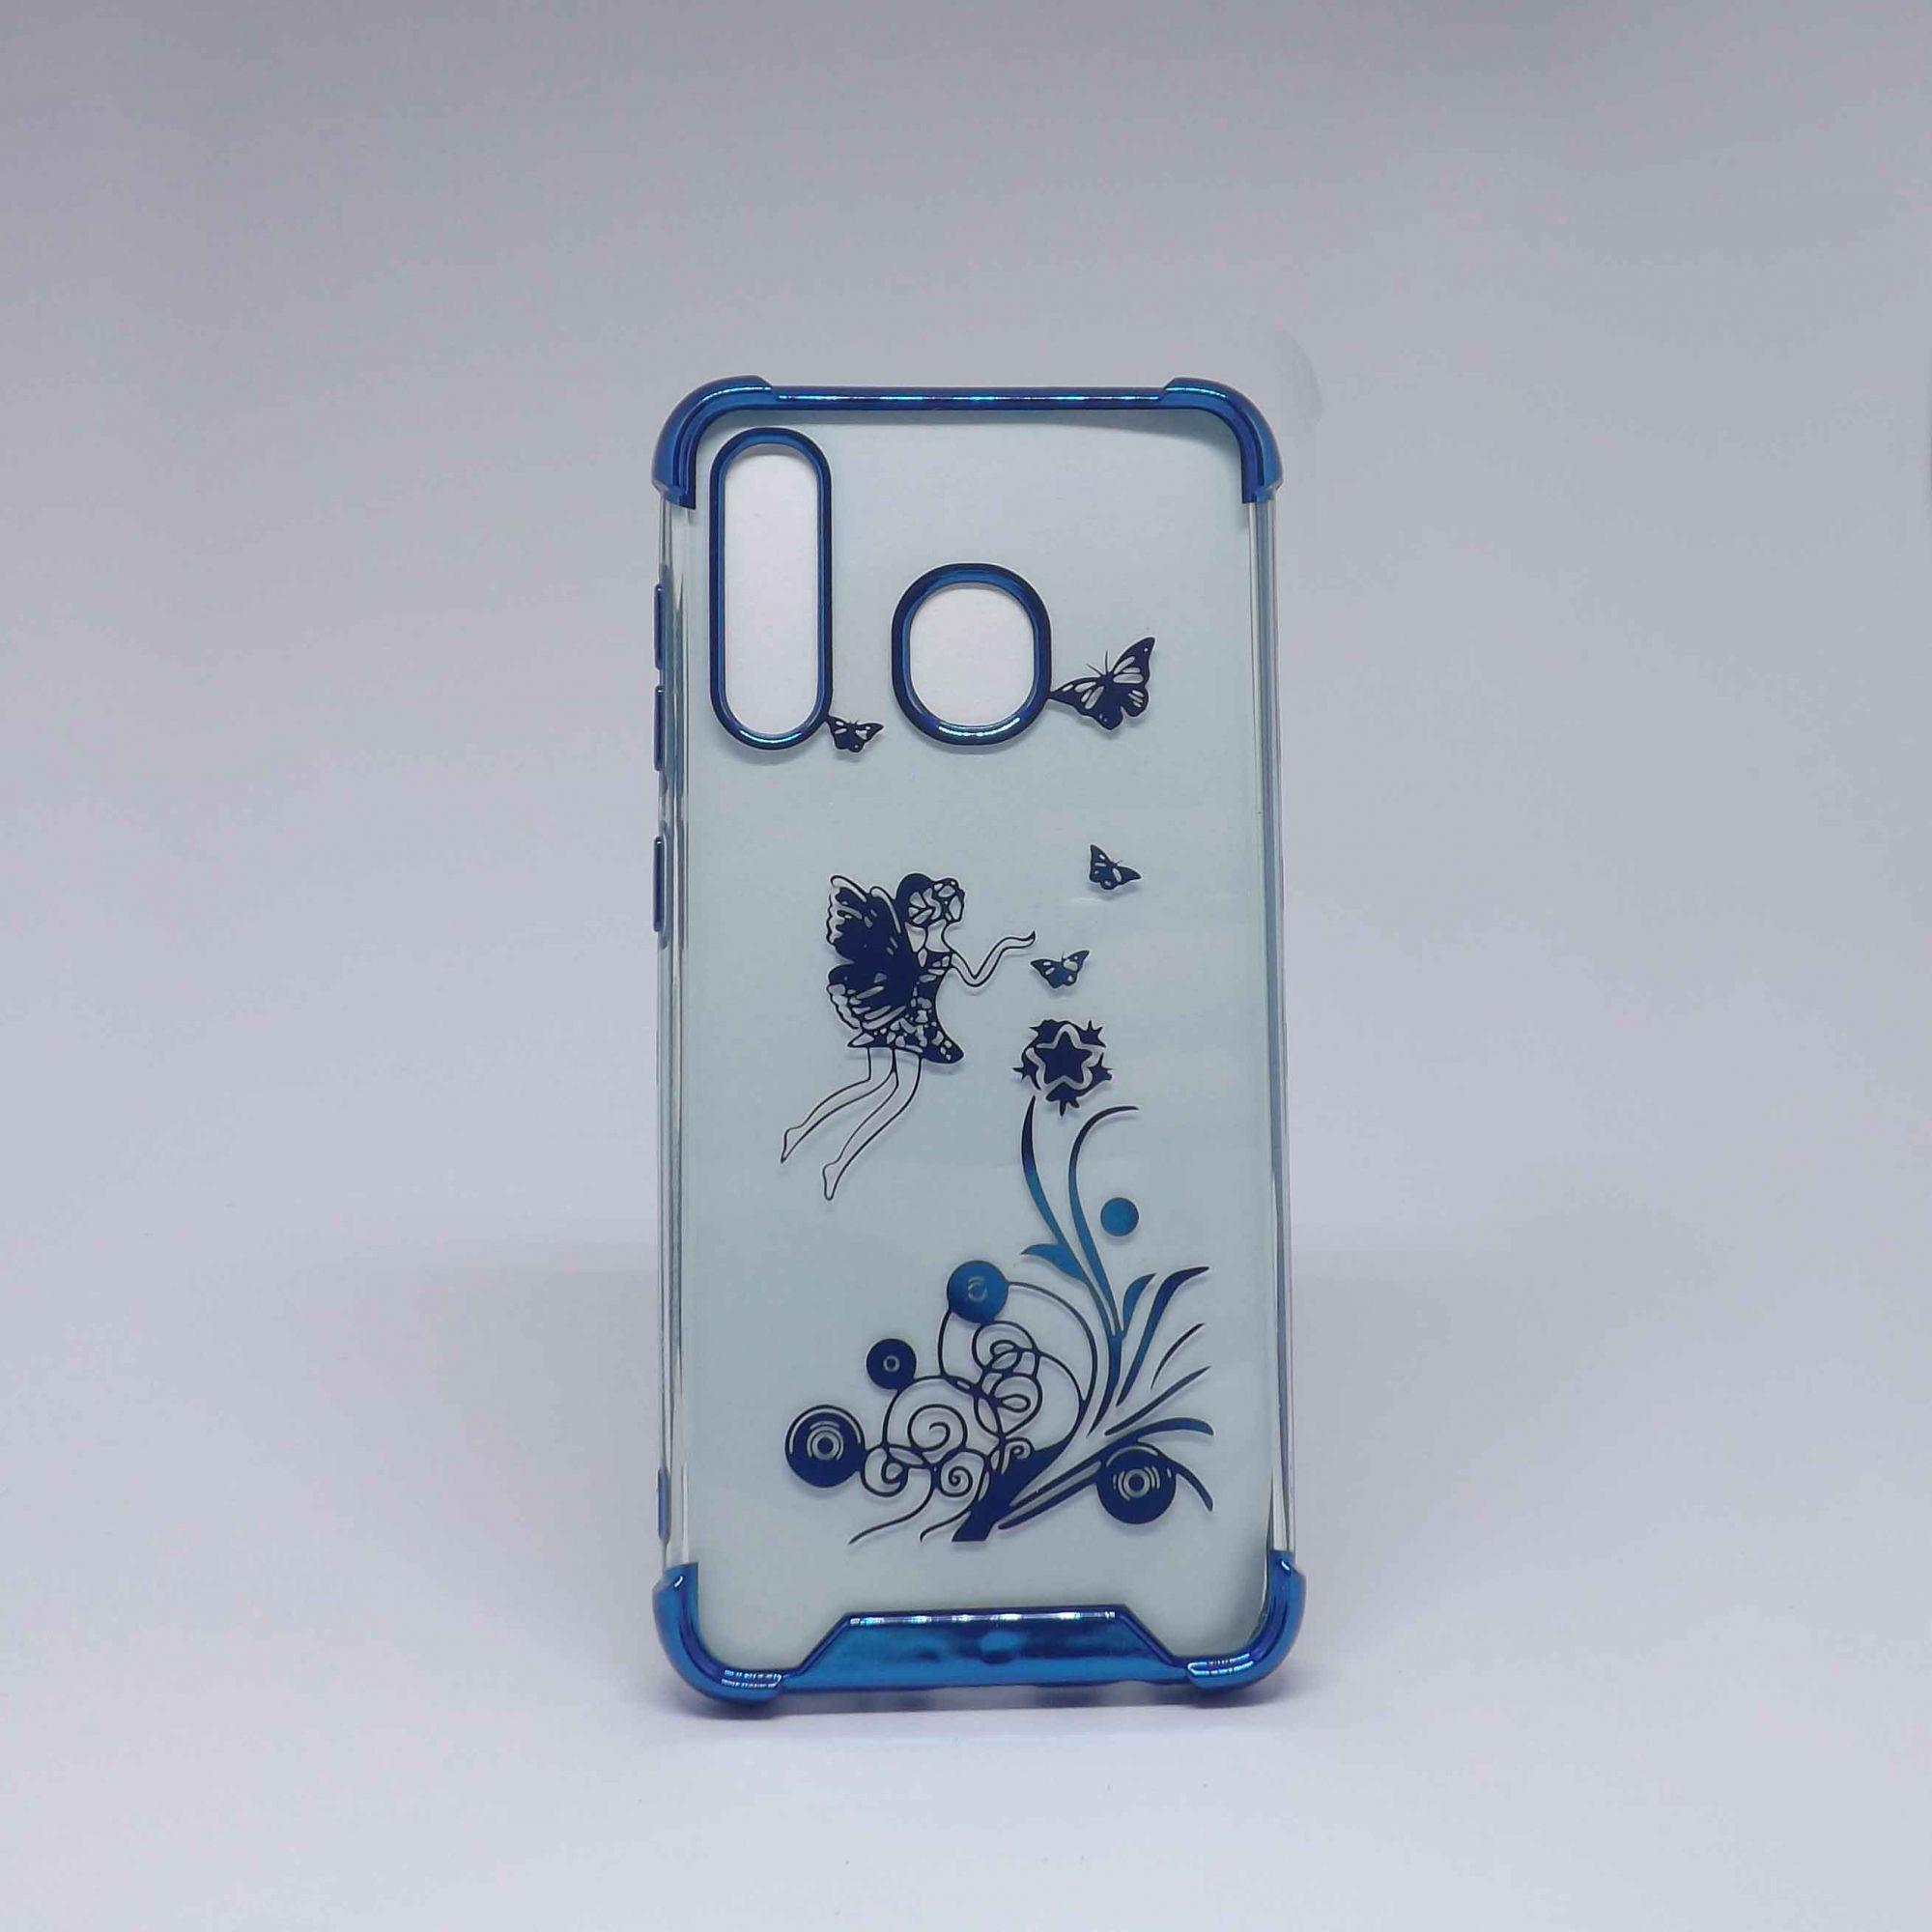 Capa Samsung Galaxy A50/A30s Brilho Estampado